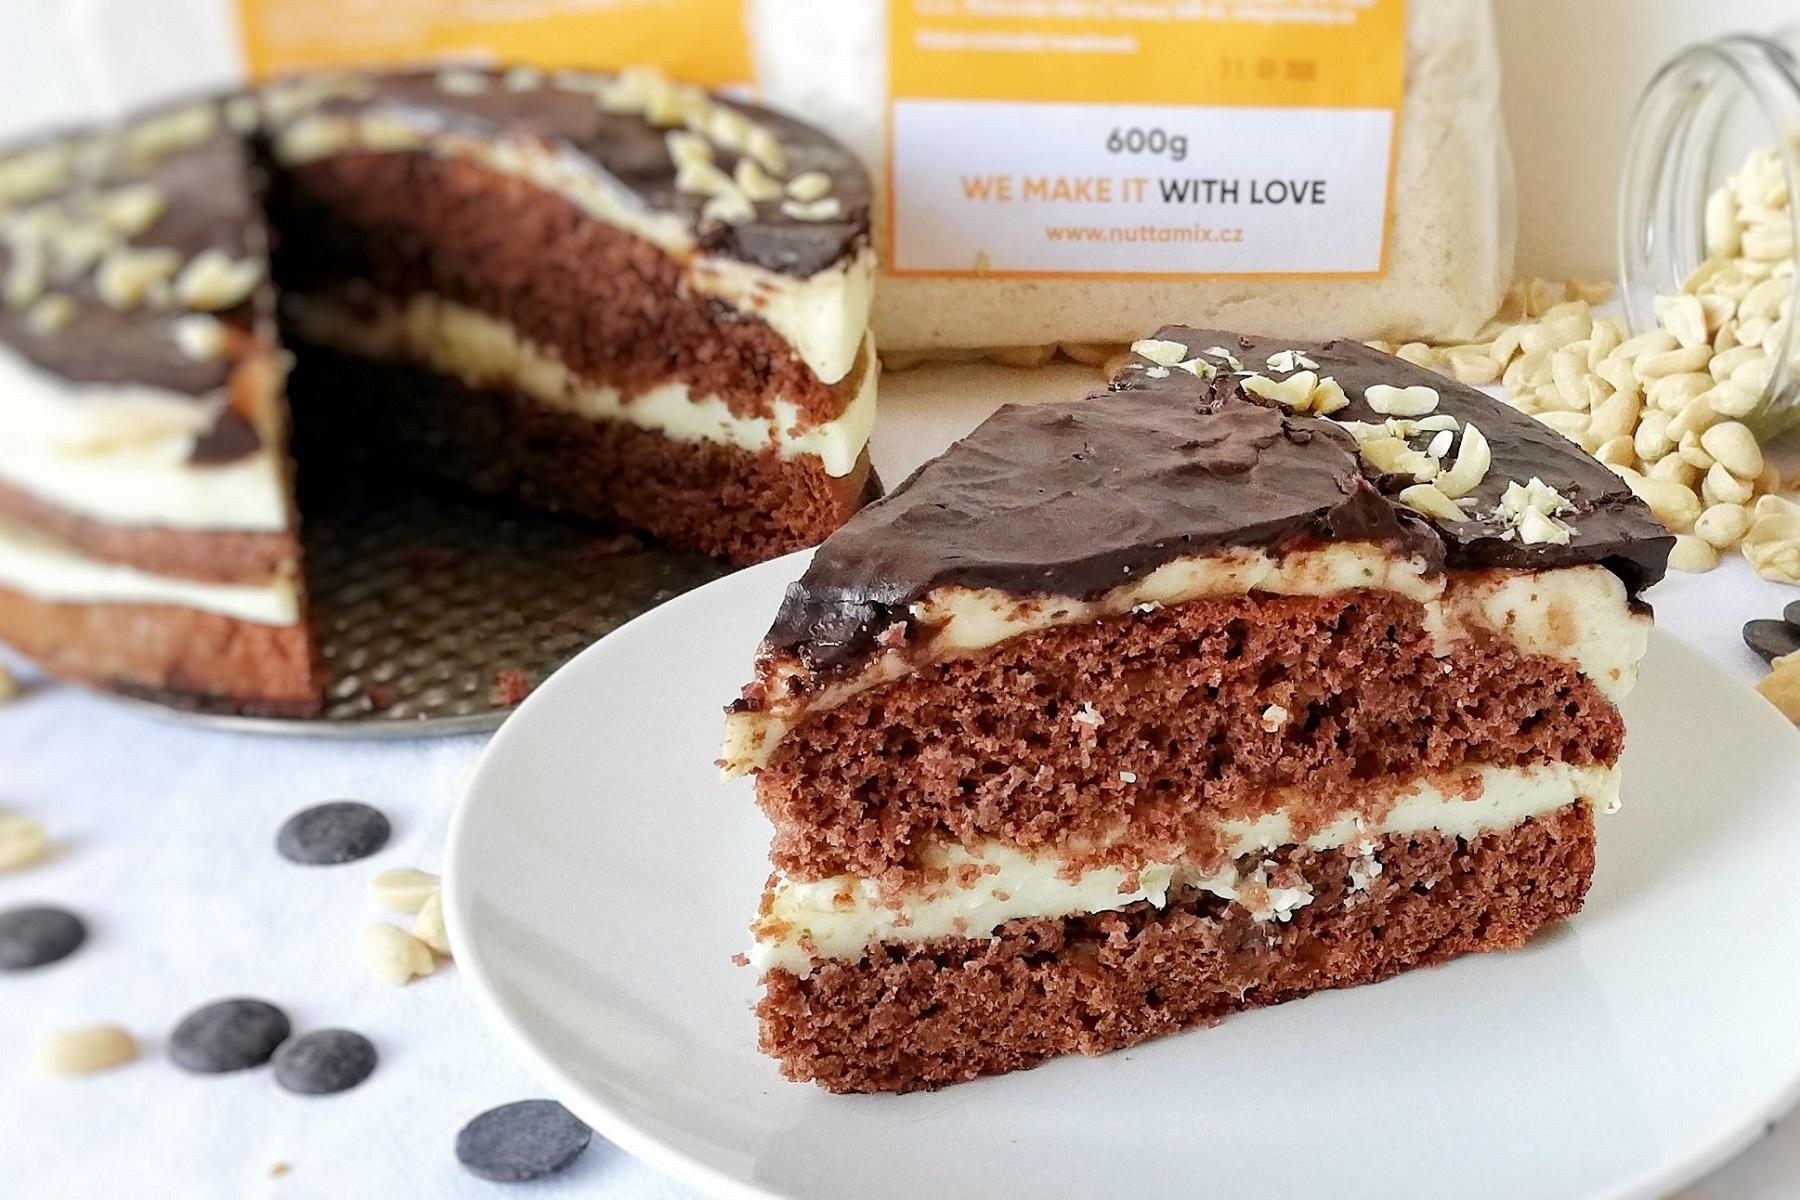 recept-kakaovy-dort-ze-zdrave-mouky-a-datli